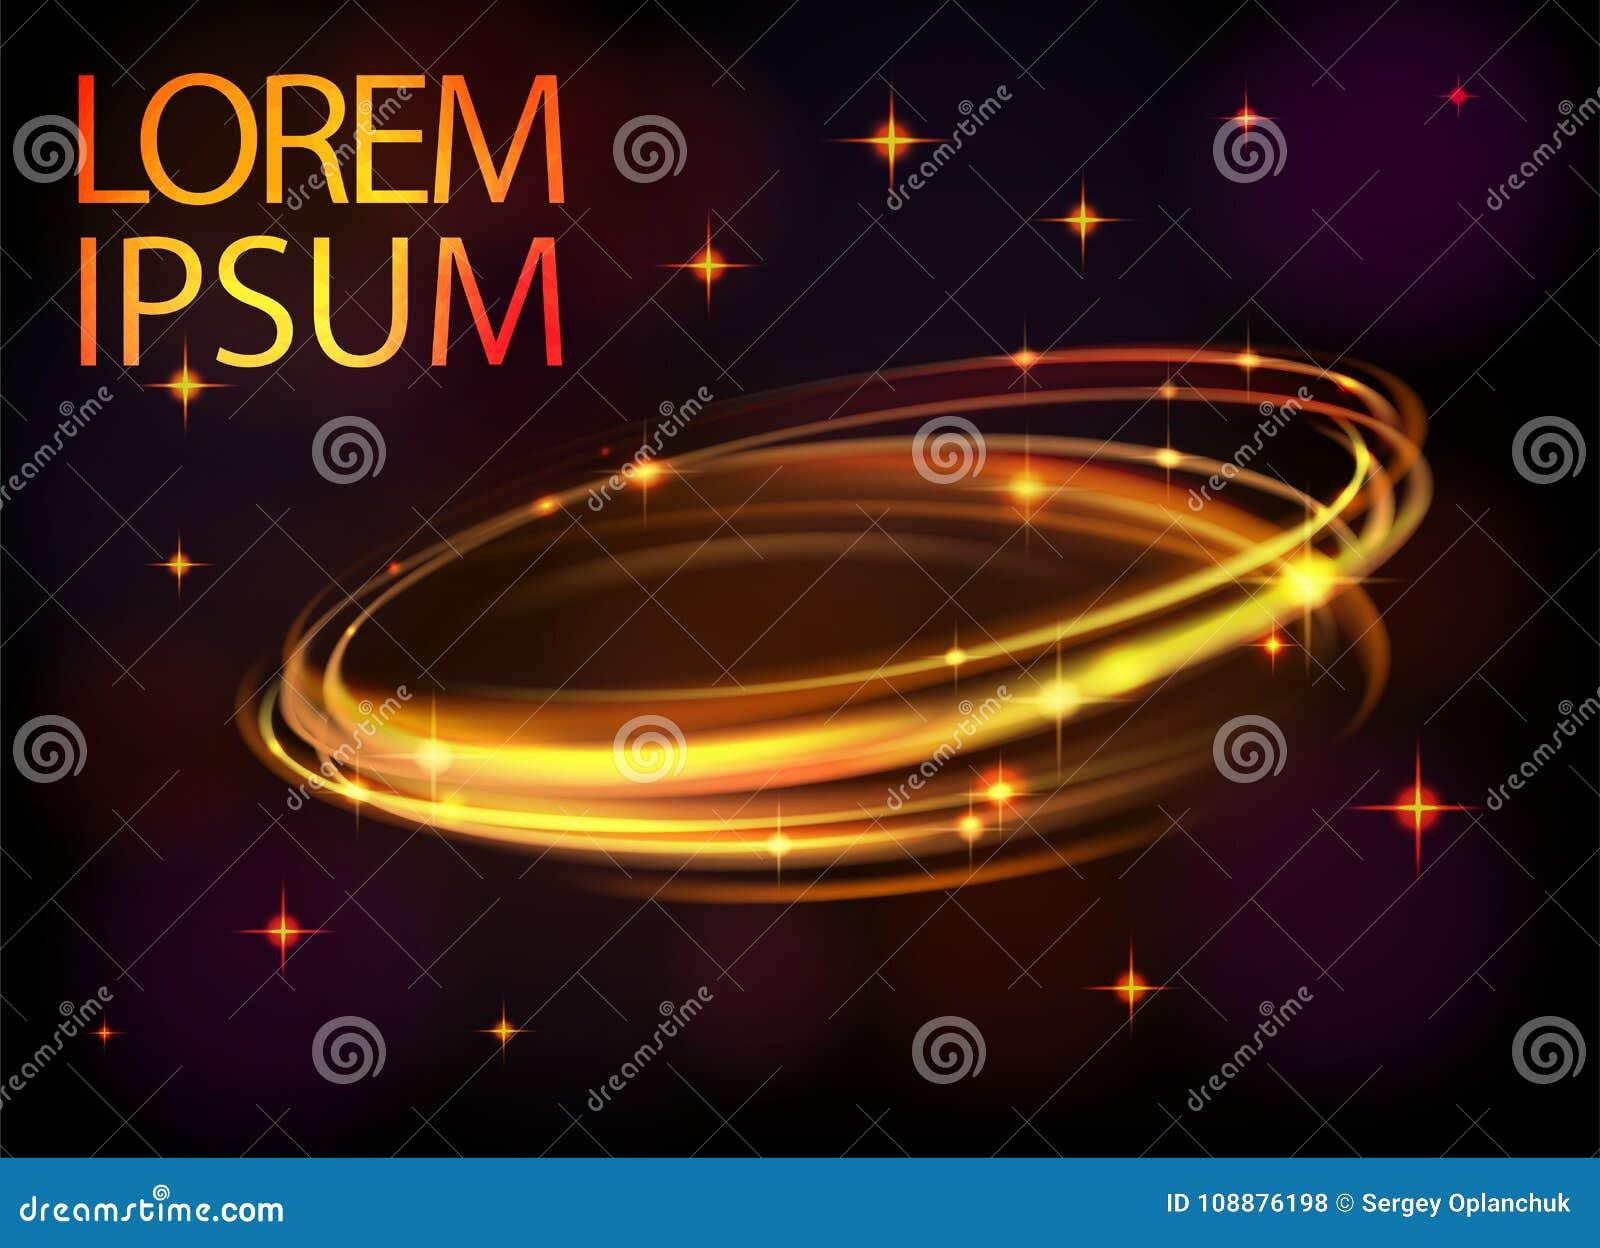 光线影响传染媒介线金圈子 发光的不可思议的轻的火火光圆环踪影 闪烁闪闪发光漩涡足迹作用